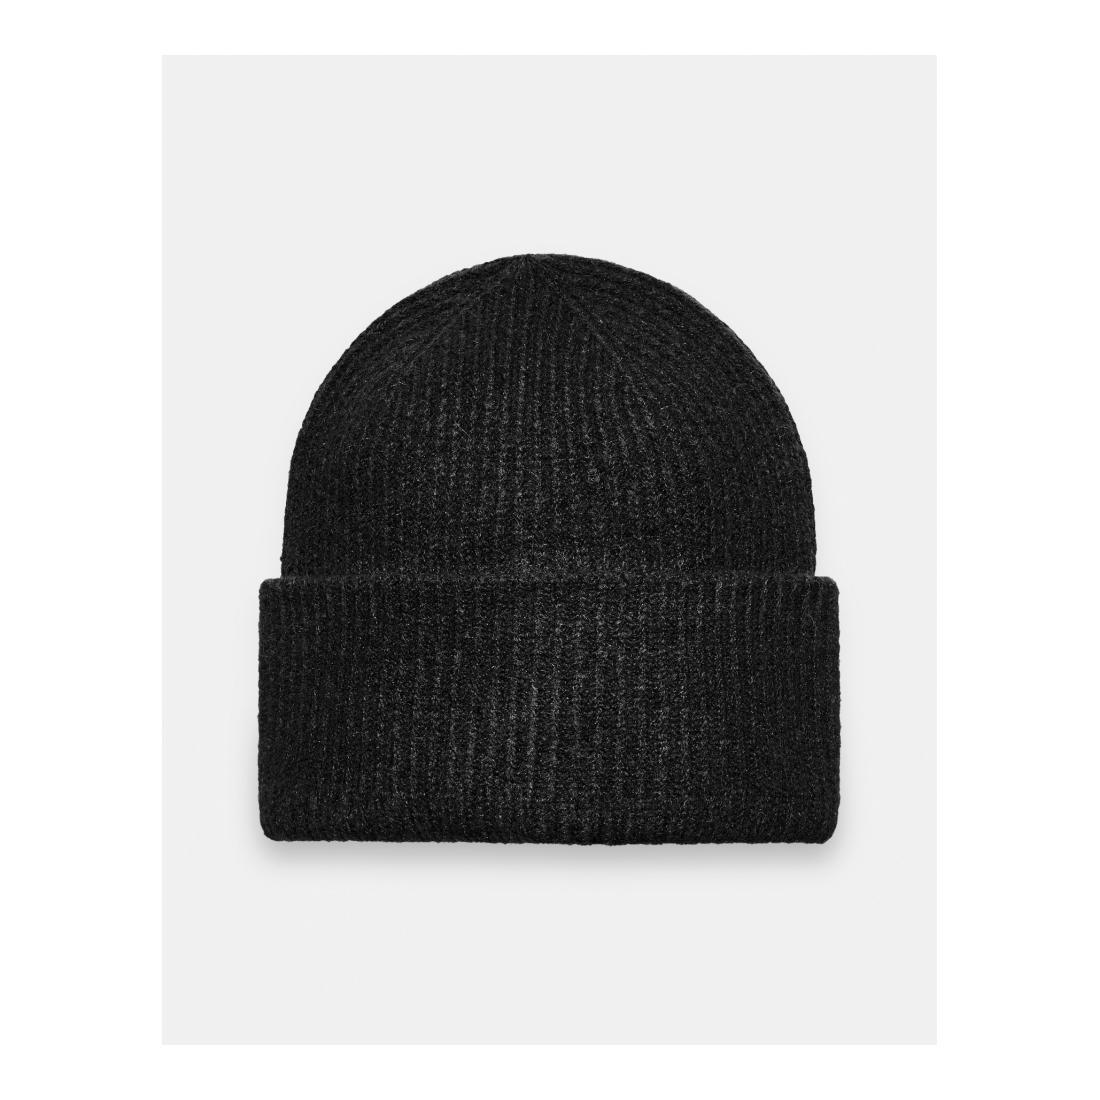 Someday Mützen Stirnband/Handschuhe Brienne cap